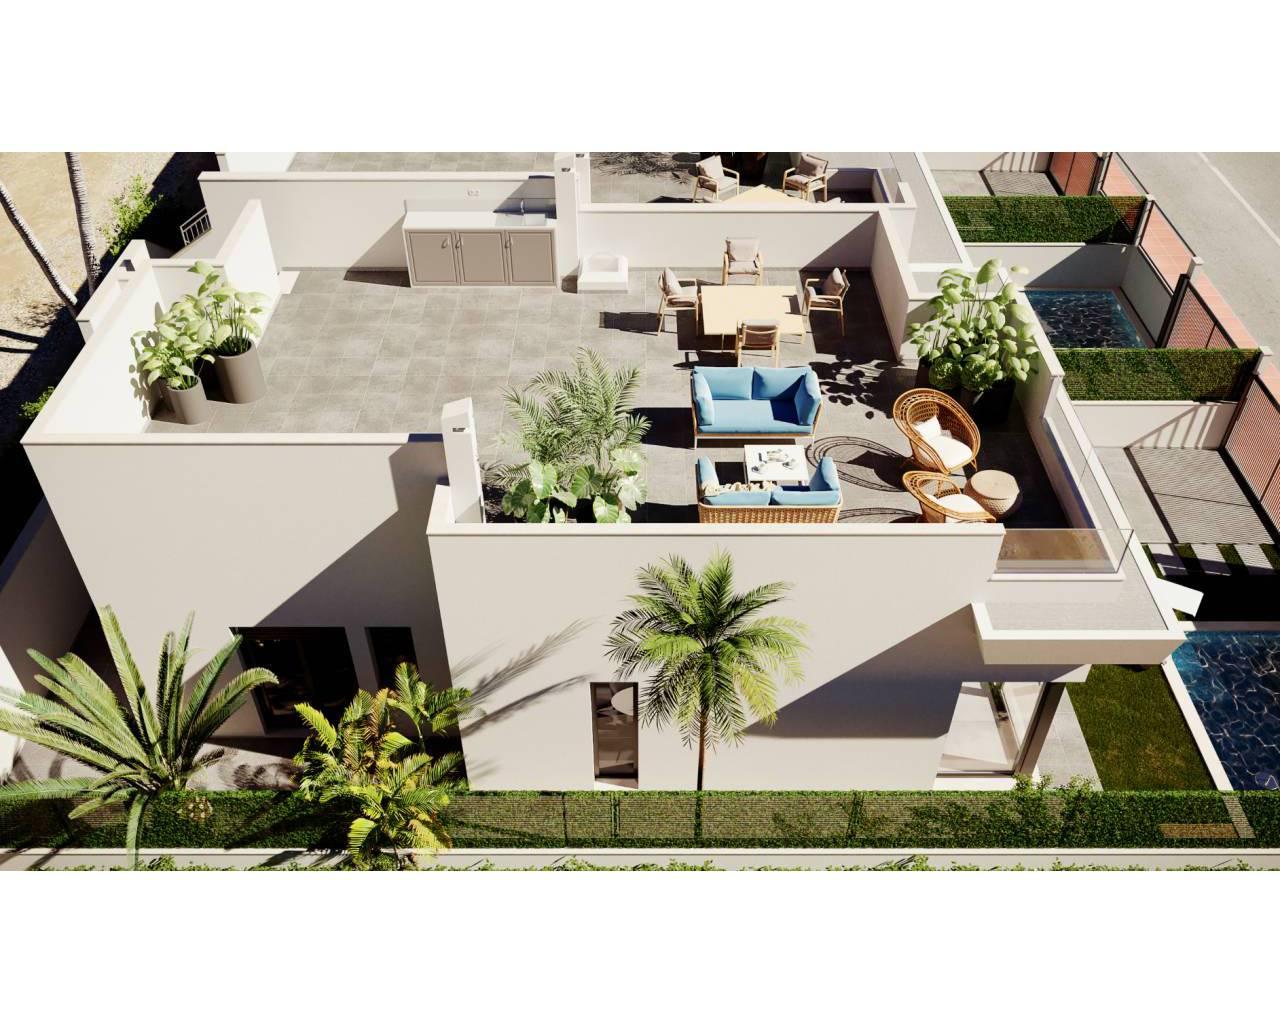 nieuwbouw-half-vrijstaande-villa-los-alcazares-roda-golf_4591_xl